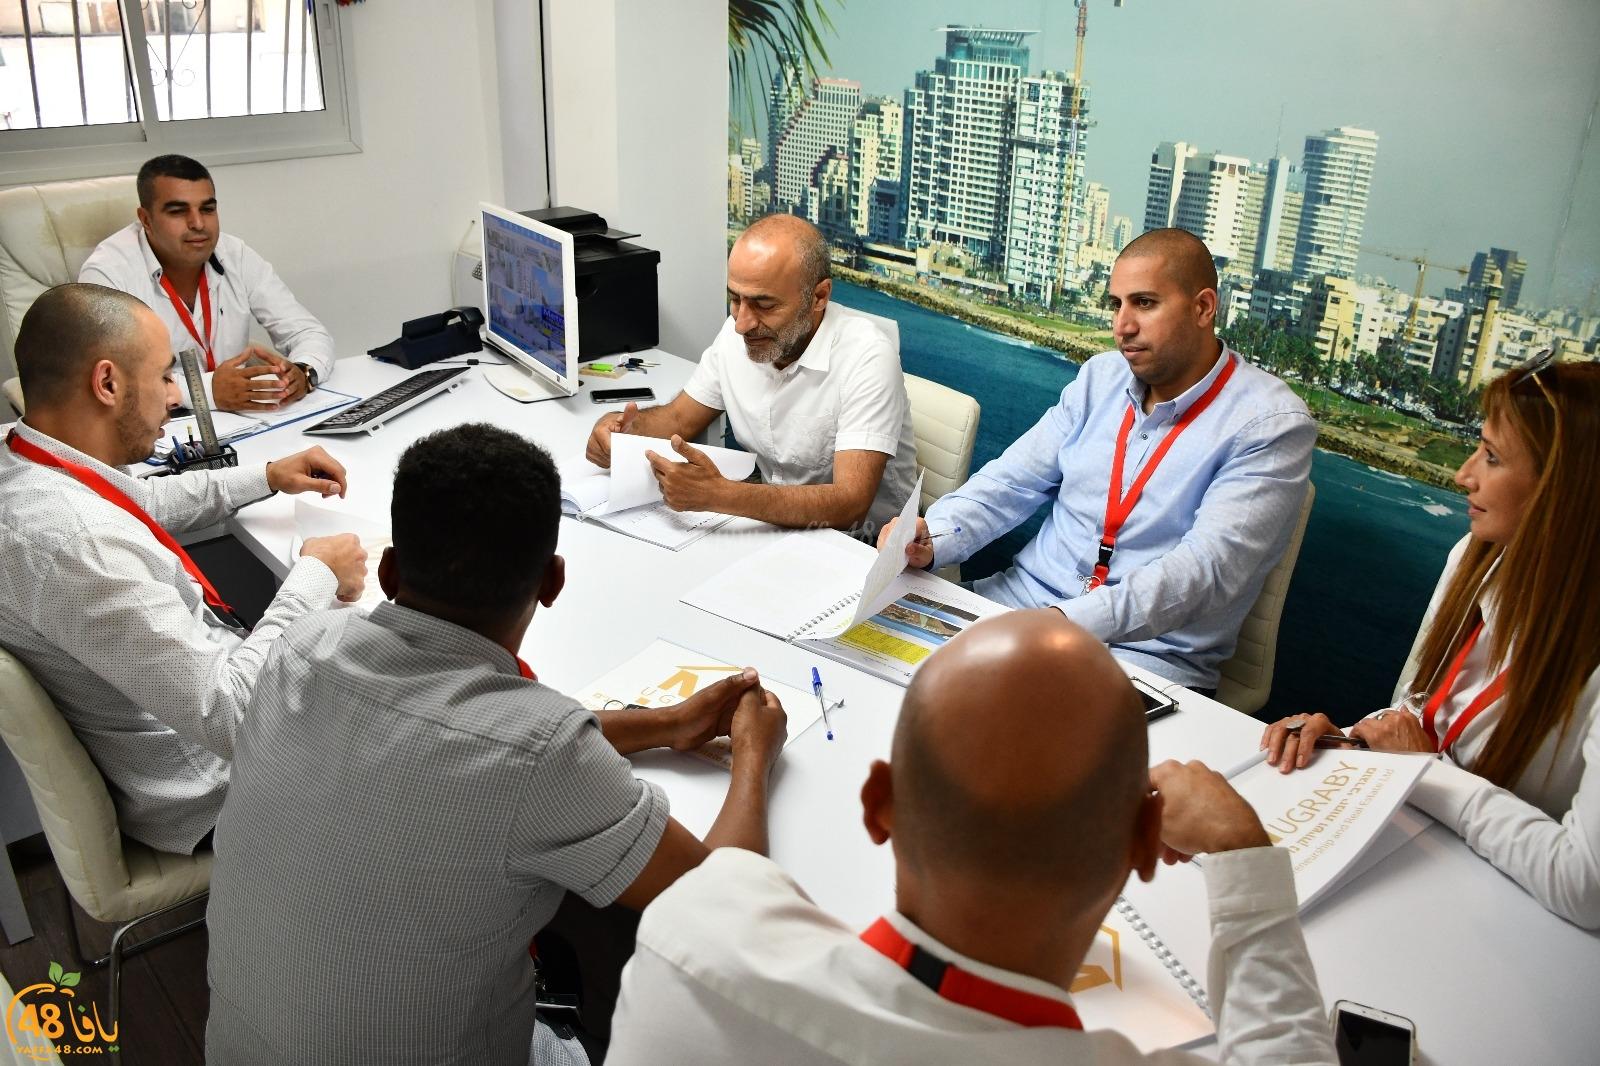 مادة اعلانية: فيديو - مكتب المغربي للعقارات بيافا يُلخّص أربعة أعوام من العمل الدؤوب